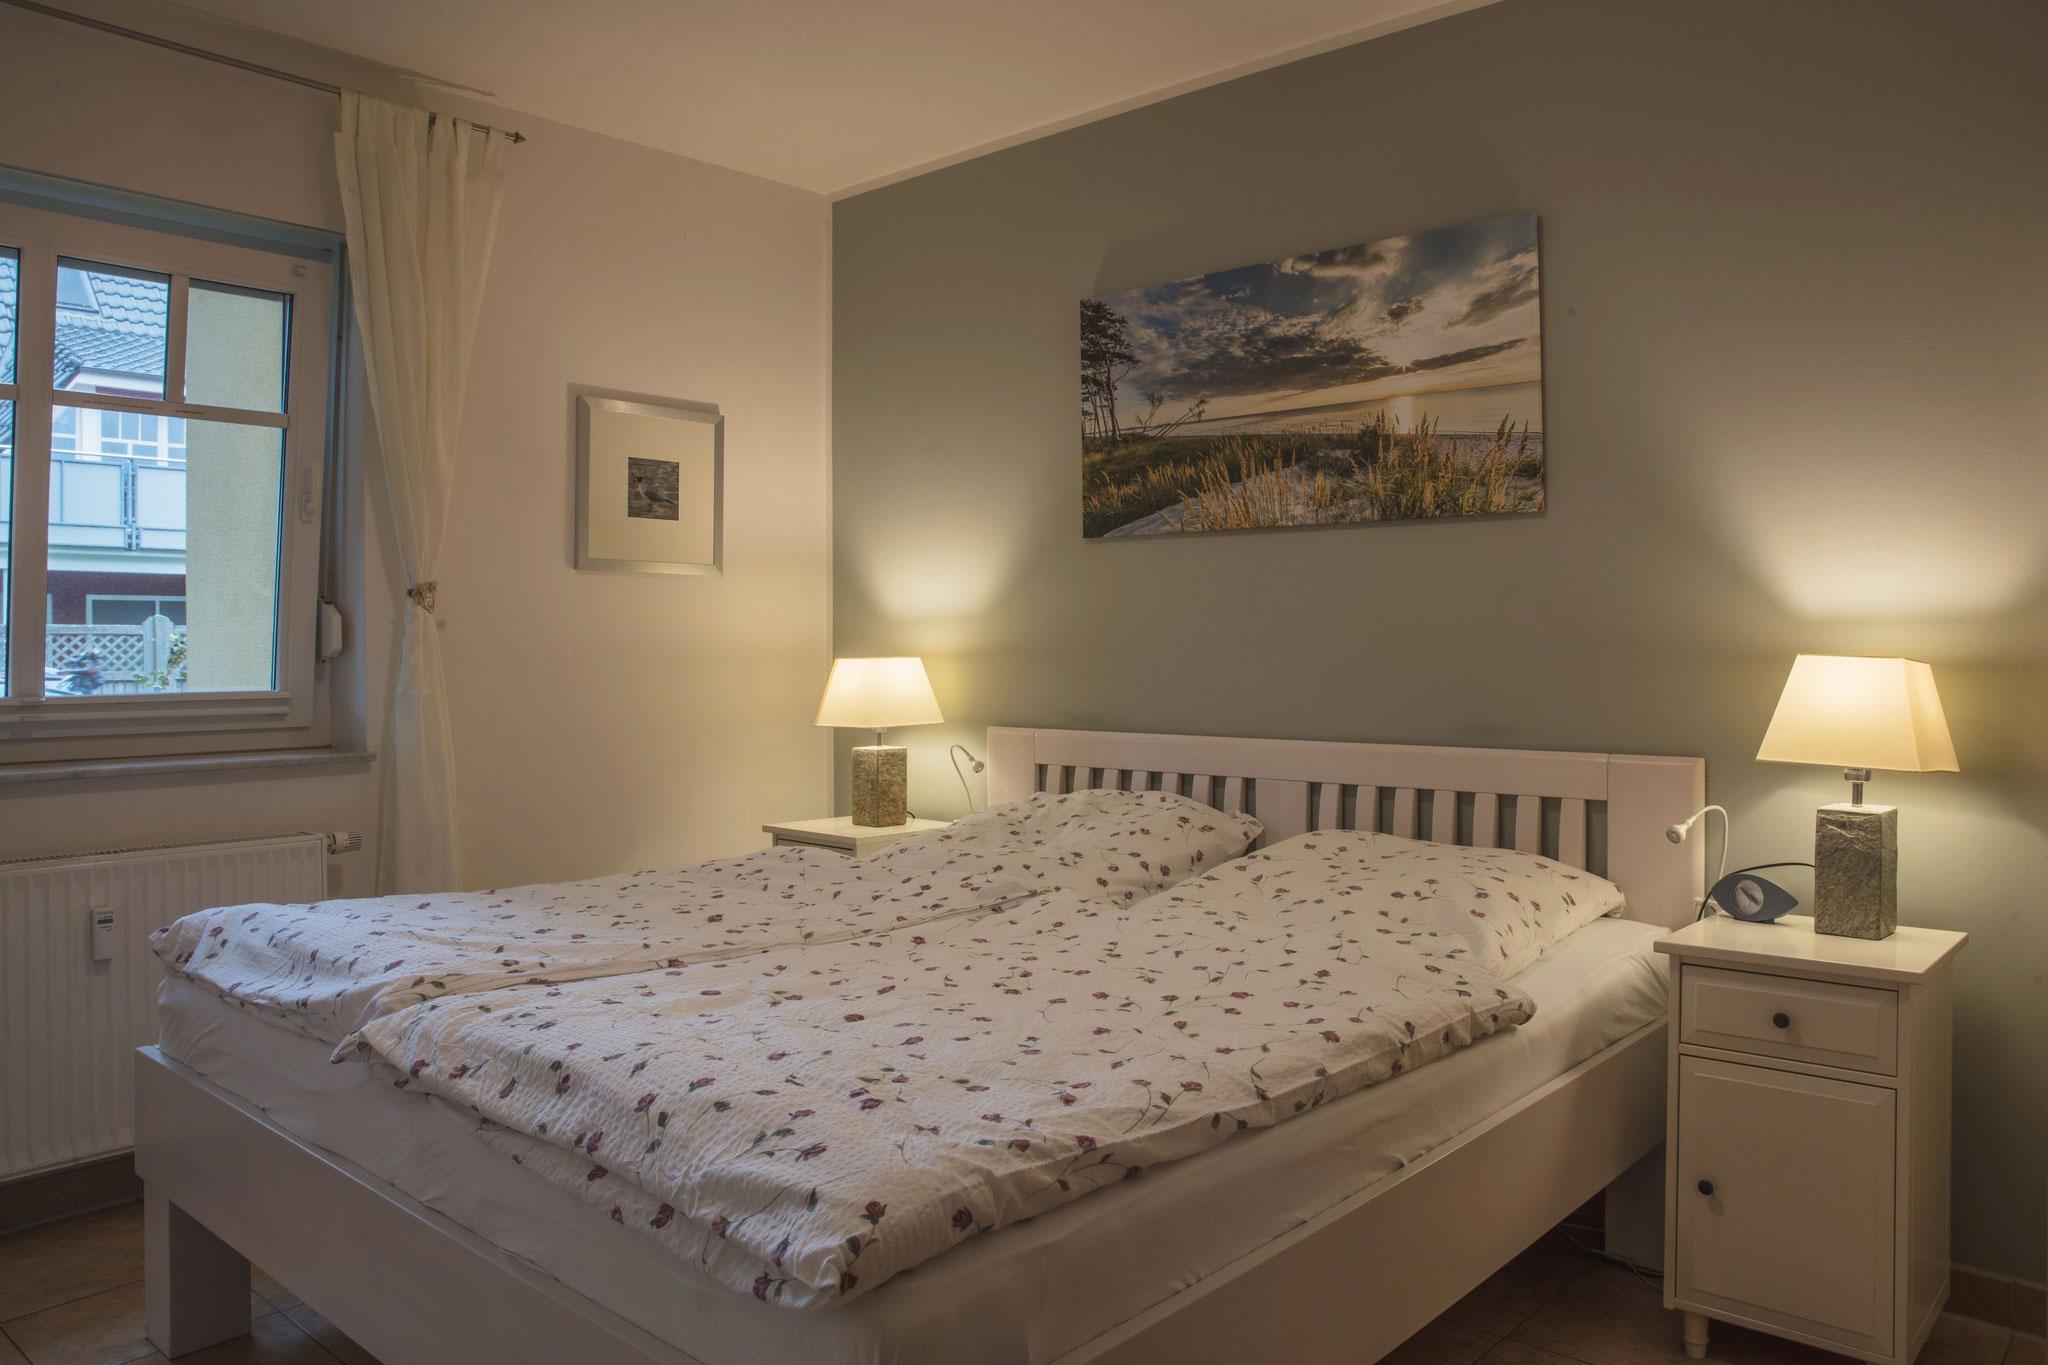 Schlafzimmer mit hochwertigem Doppelbett, Mückengittern und Plissees. Beide Schlafzimmer können mit Rollos verdunkelt werden